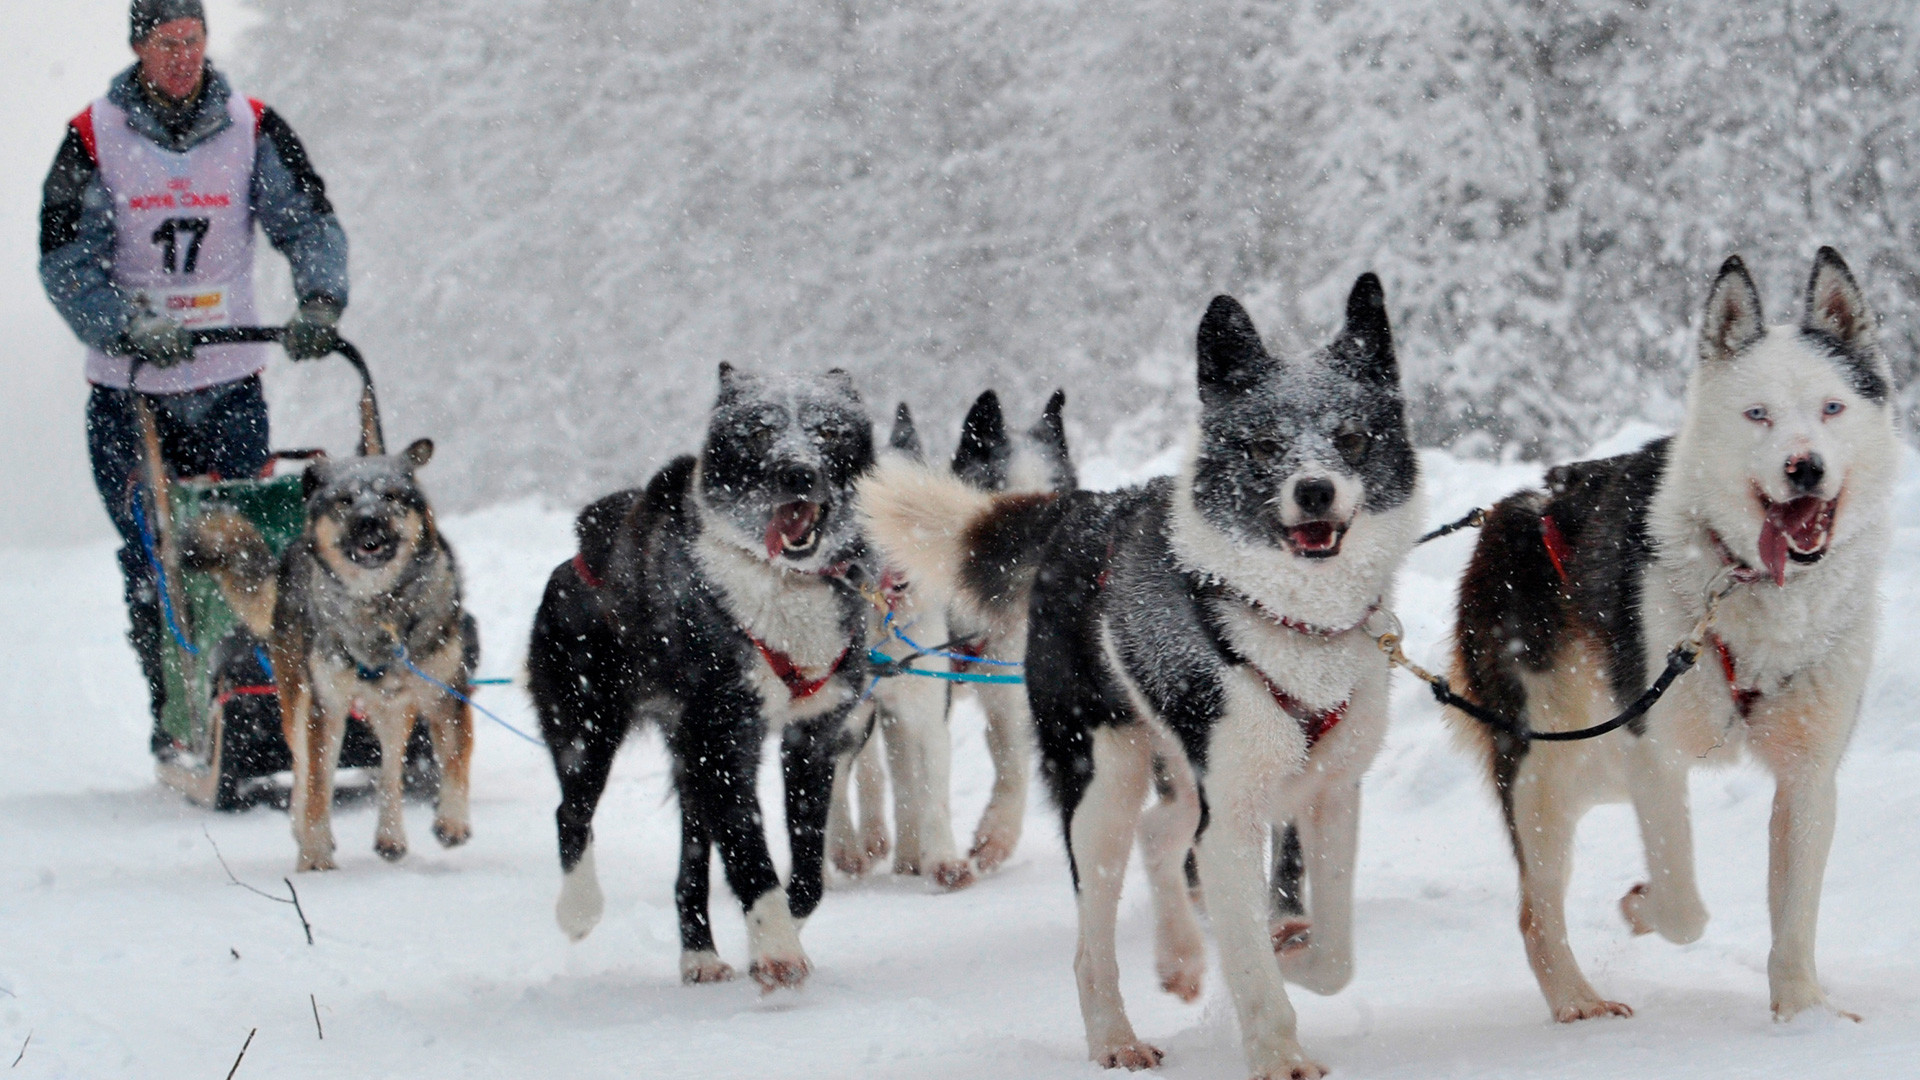 The siberian huskies